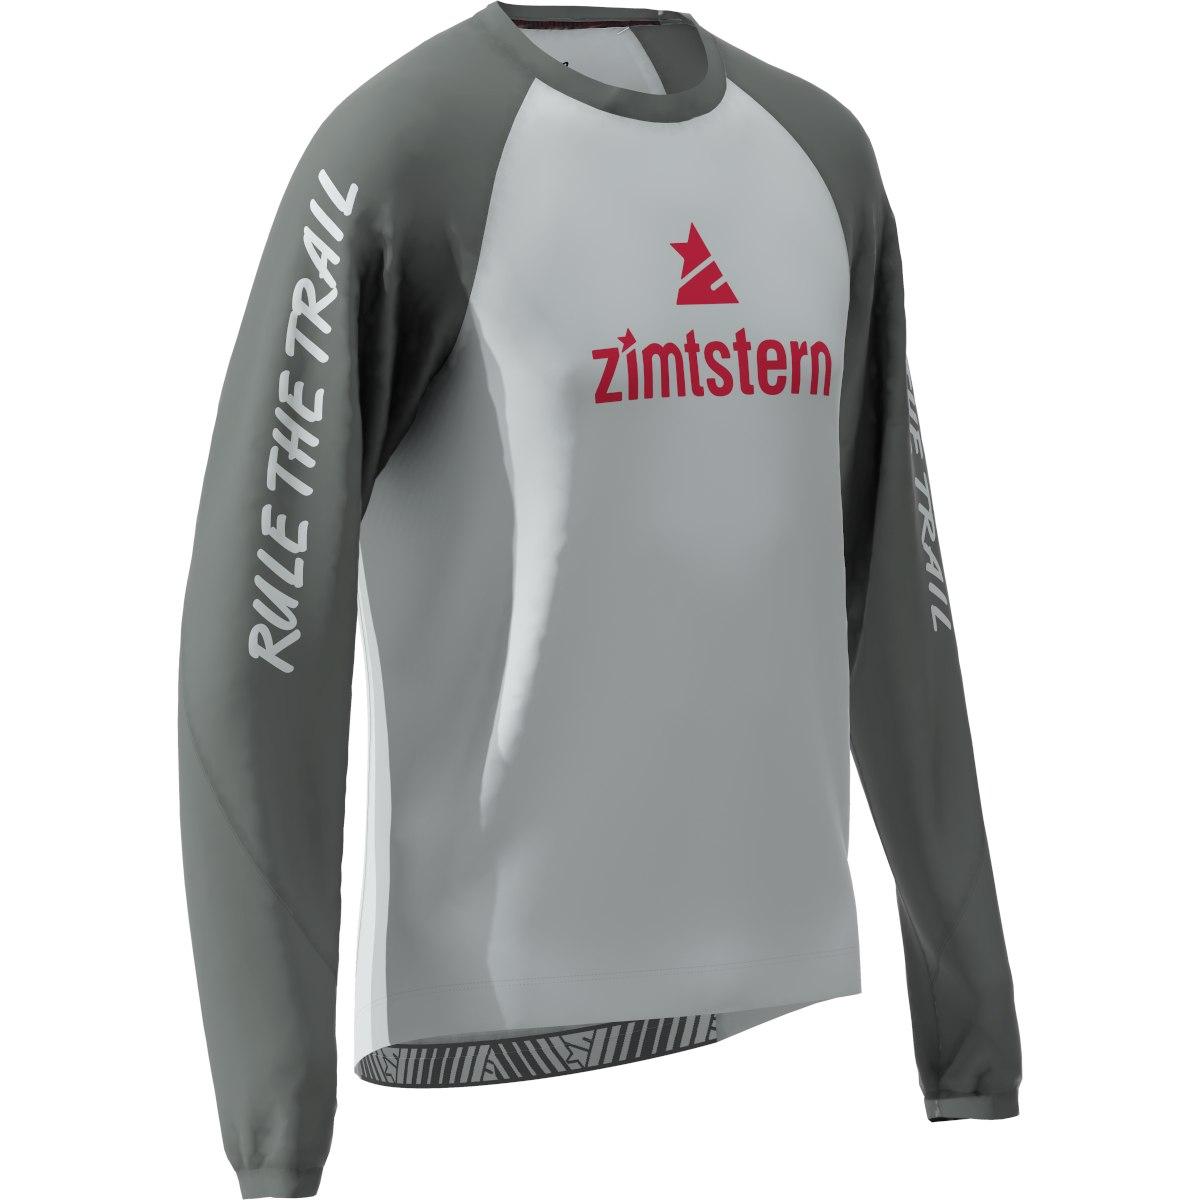 Bild von Zimtstern PureFlowz MTB-Langarmshirt - glacier grey/gun metal/jester red